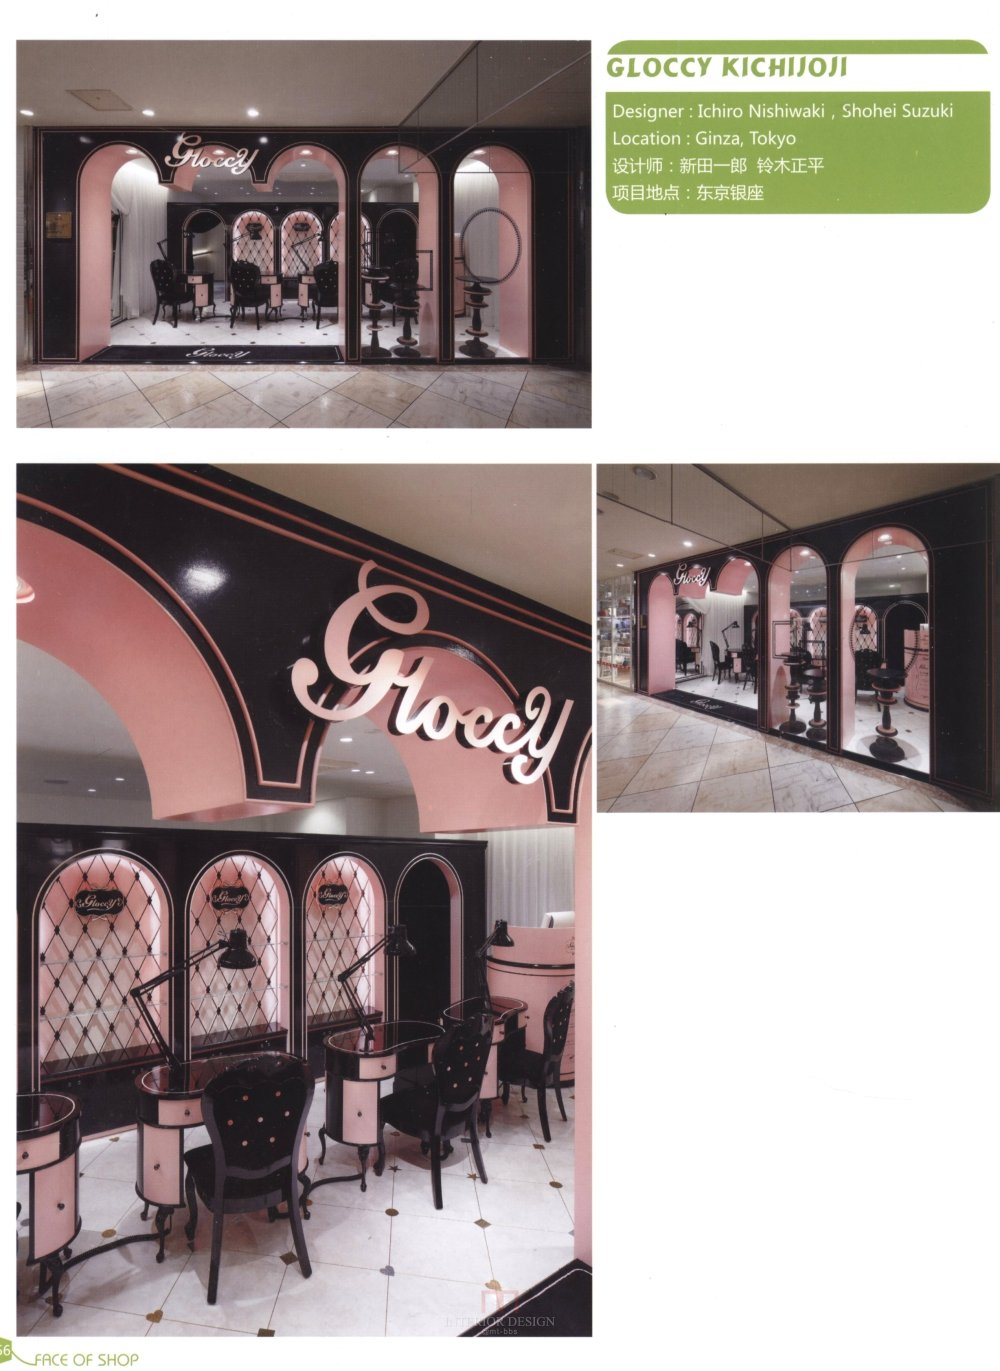 商业店铺、门头设计_kebi 0249.jpg